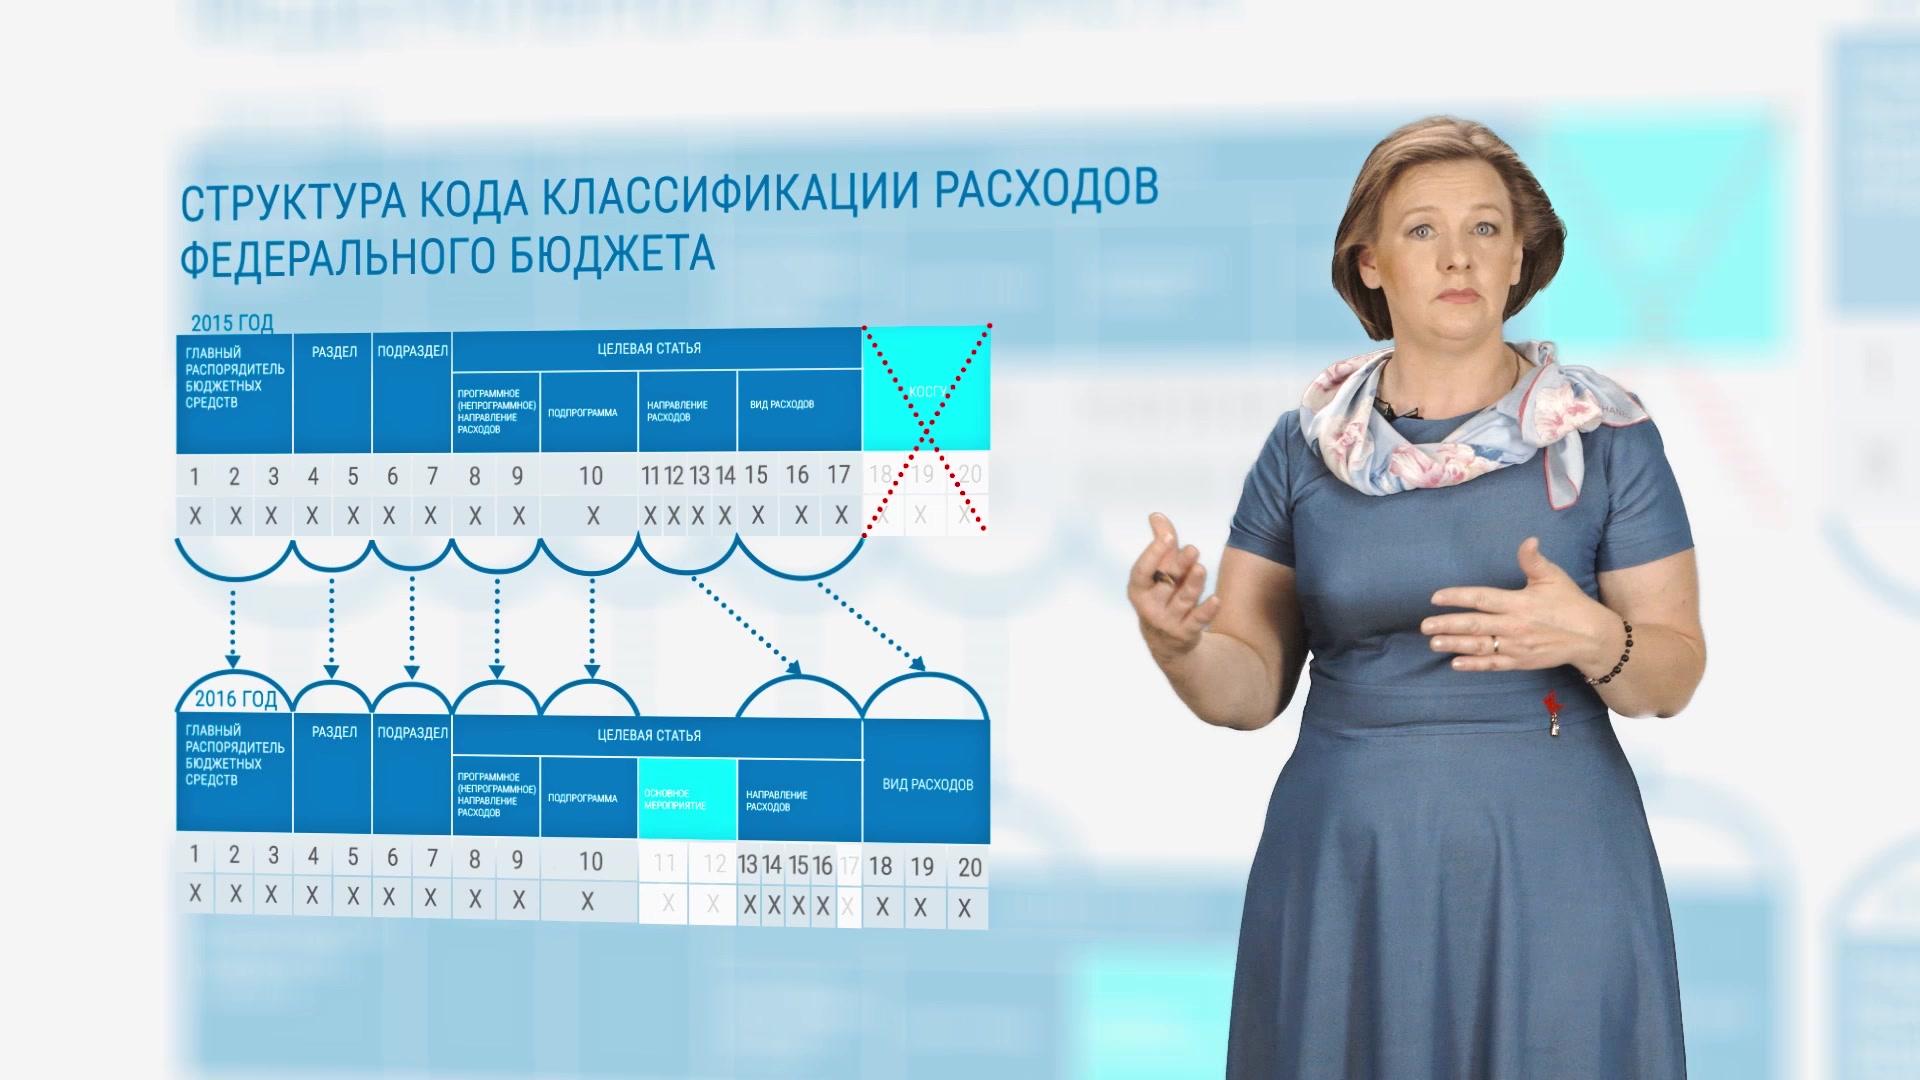 Сивец Светлана Викторовна - Новации 2016 года